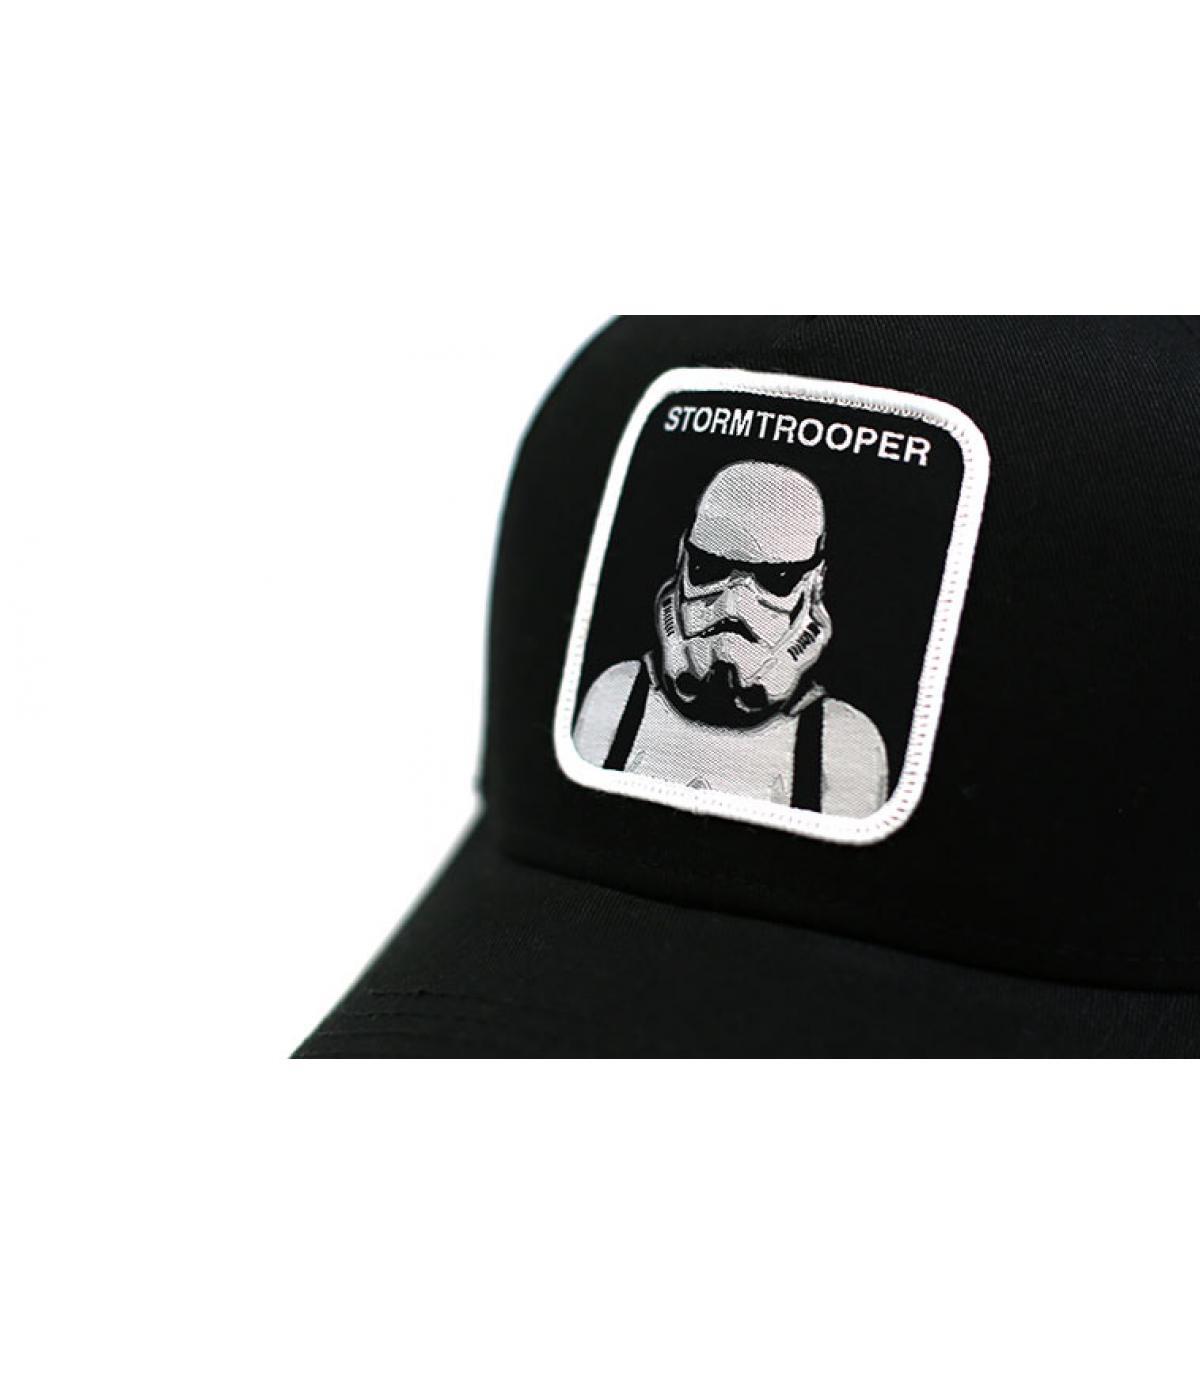 Details Trucker Stormtrooper - Abbildung 3